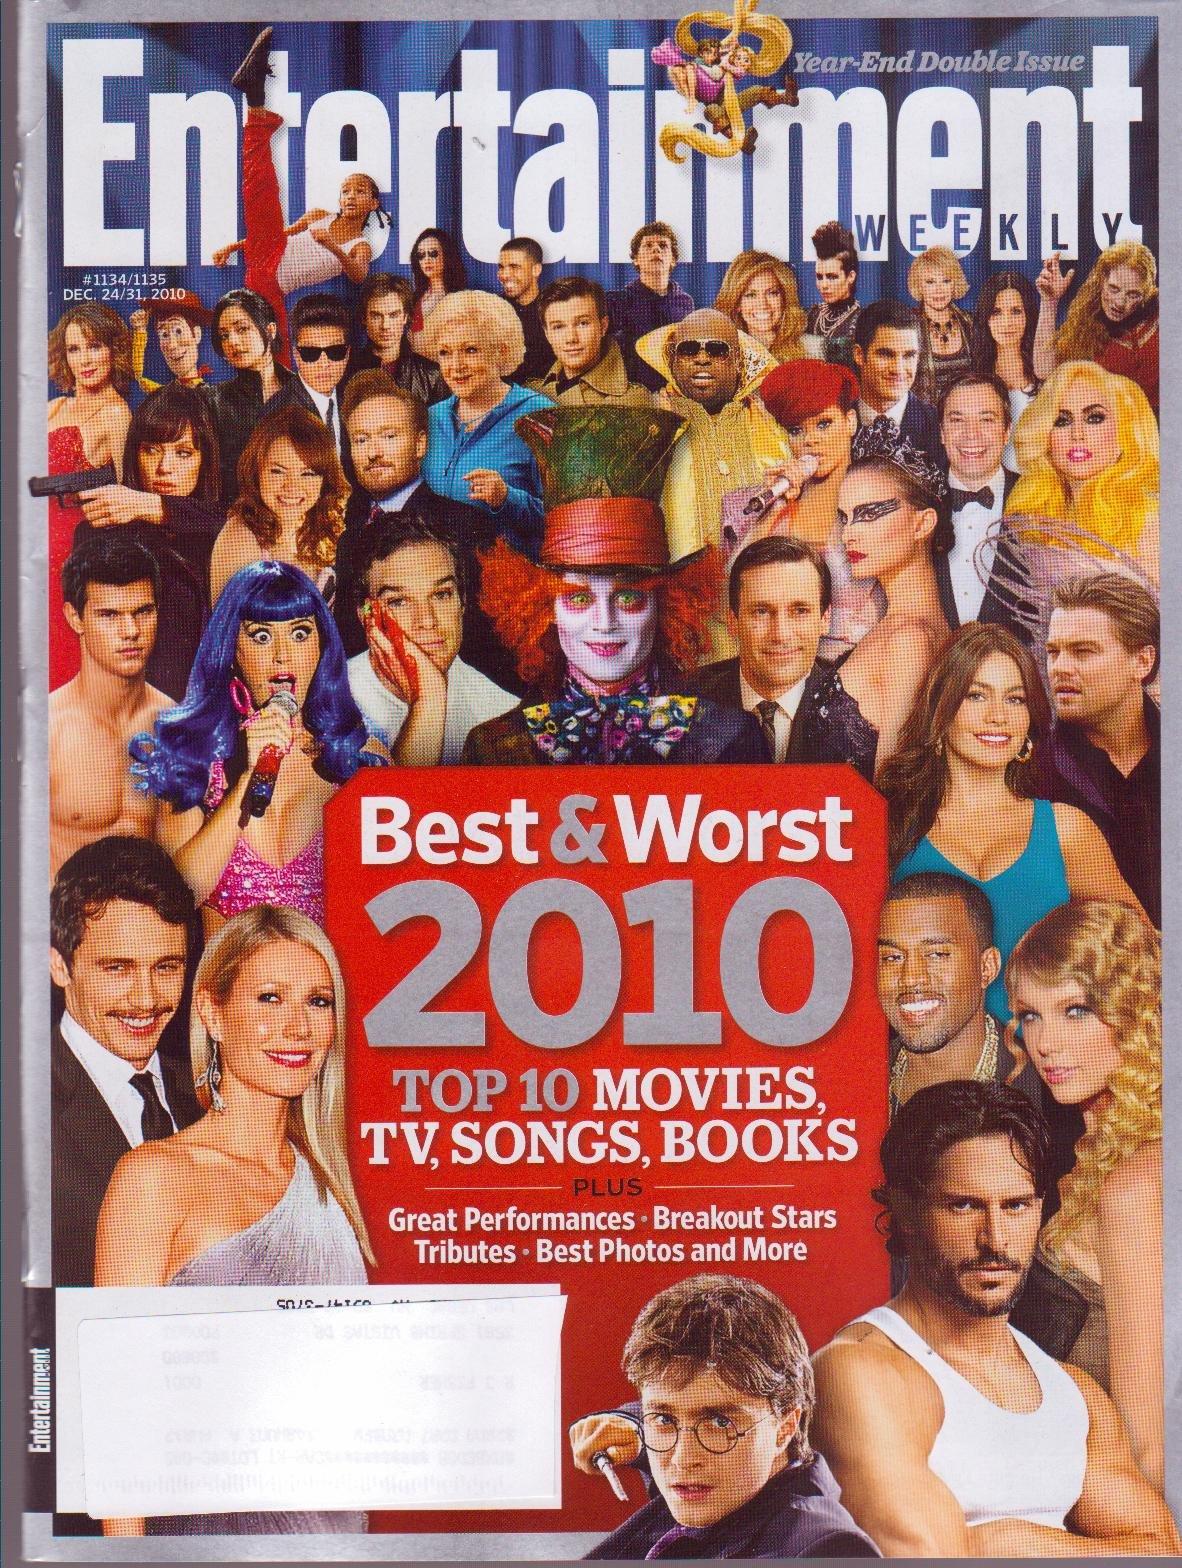 ENTERTAINMENT WEEKLY Magazine (Dec 24-31, 2010) Best & Worst 2010 ebook